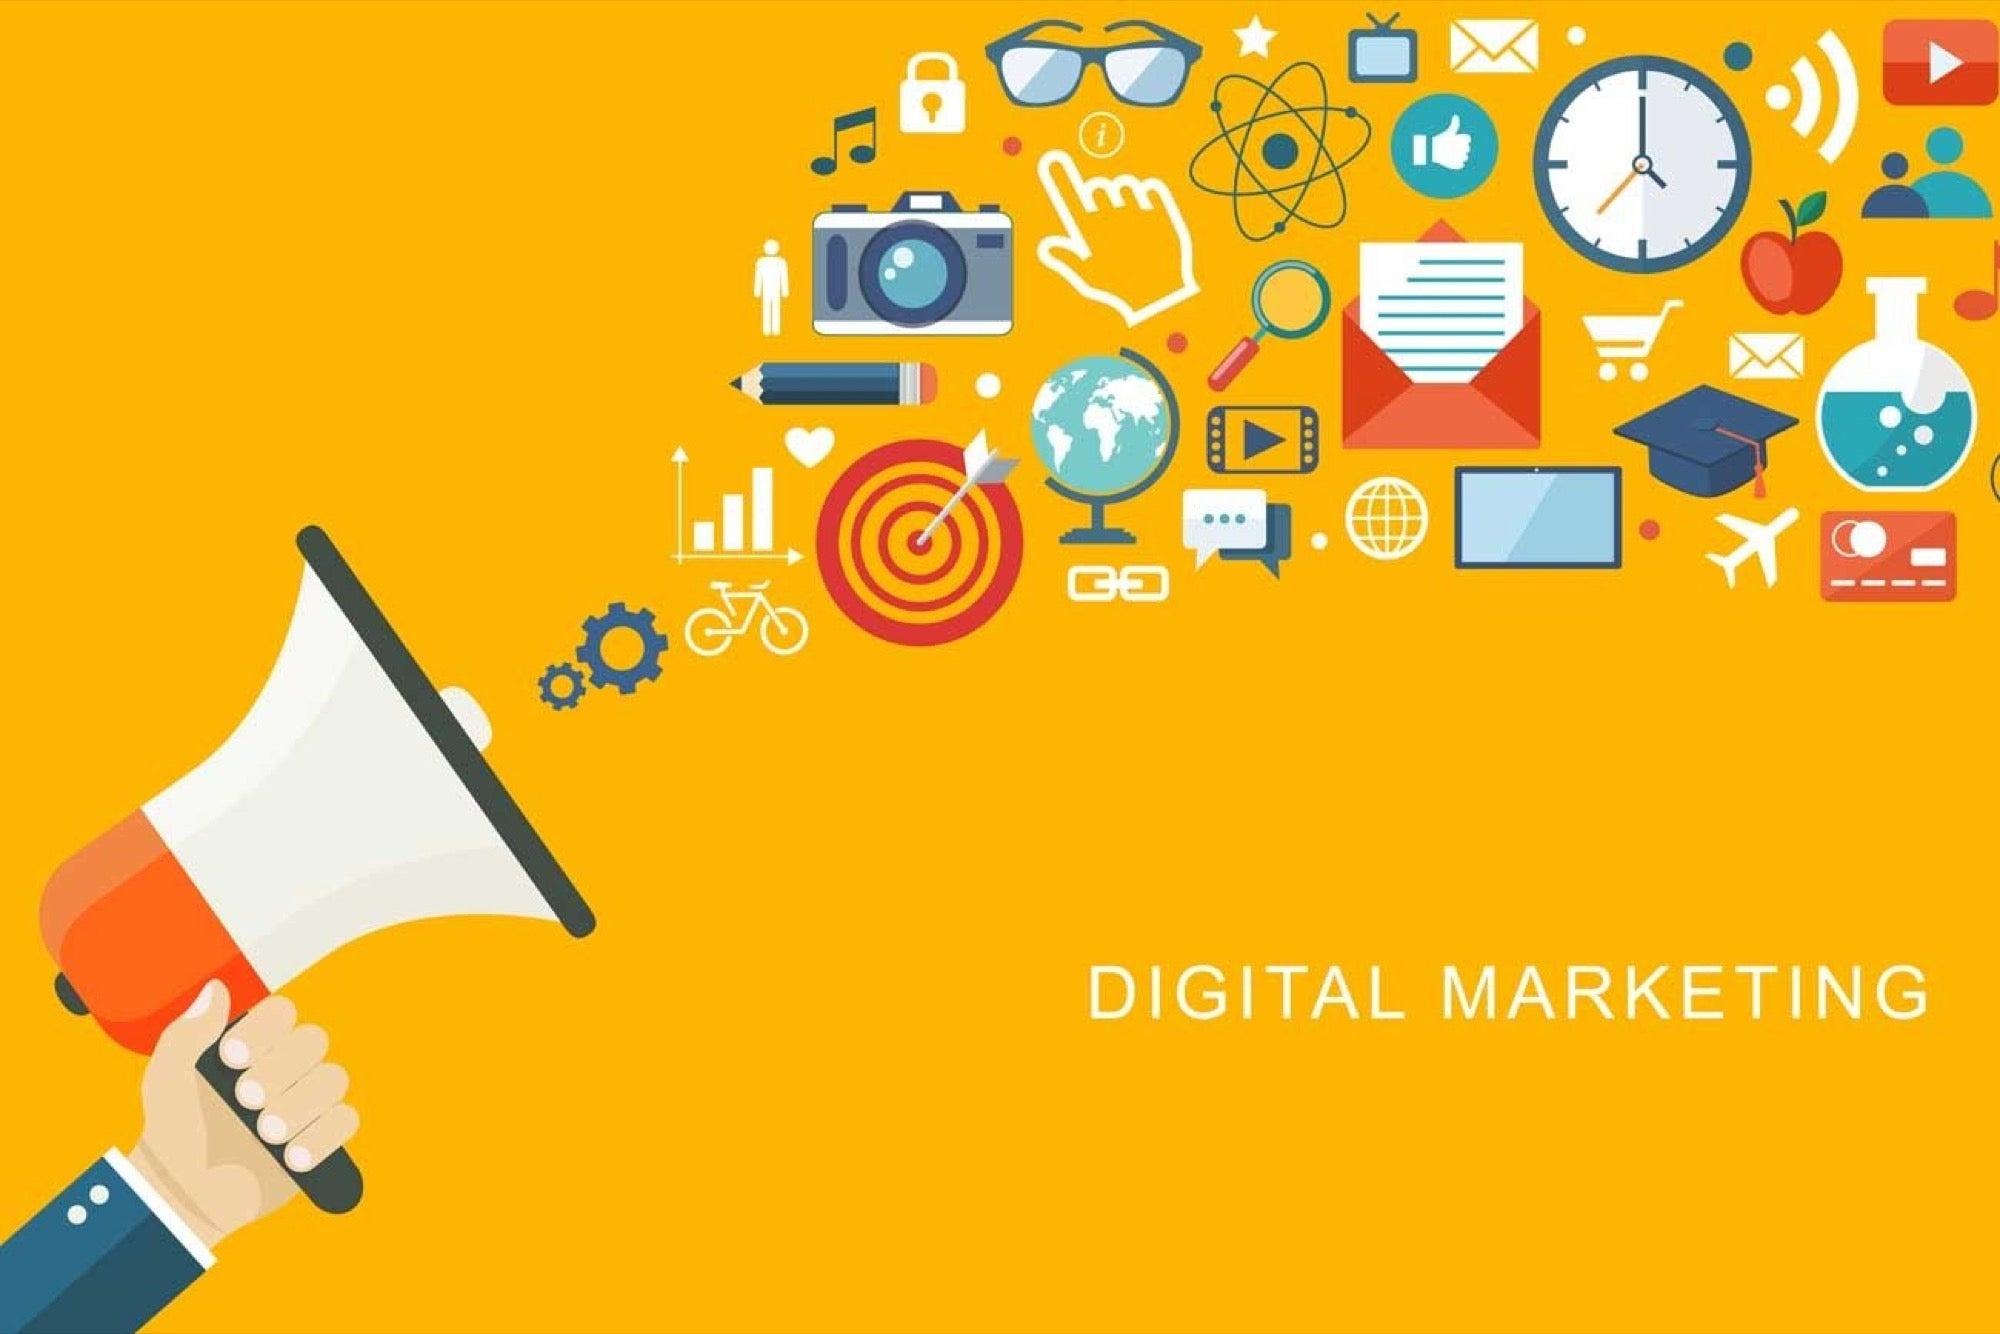 Yeni Başlayan İşletmeler için: En İyi 7 Dijital Pazarlama Adımları